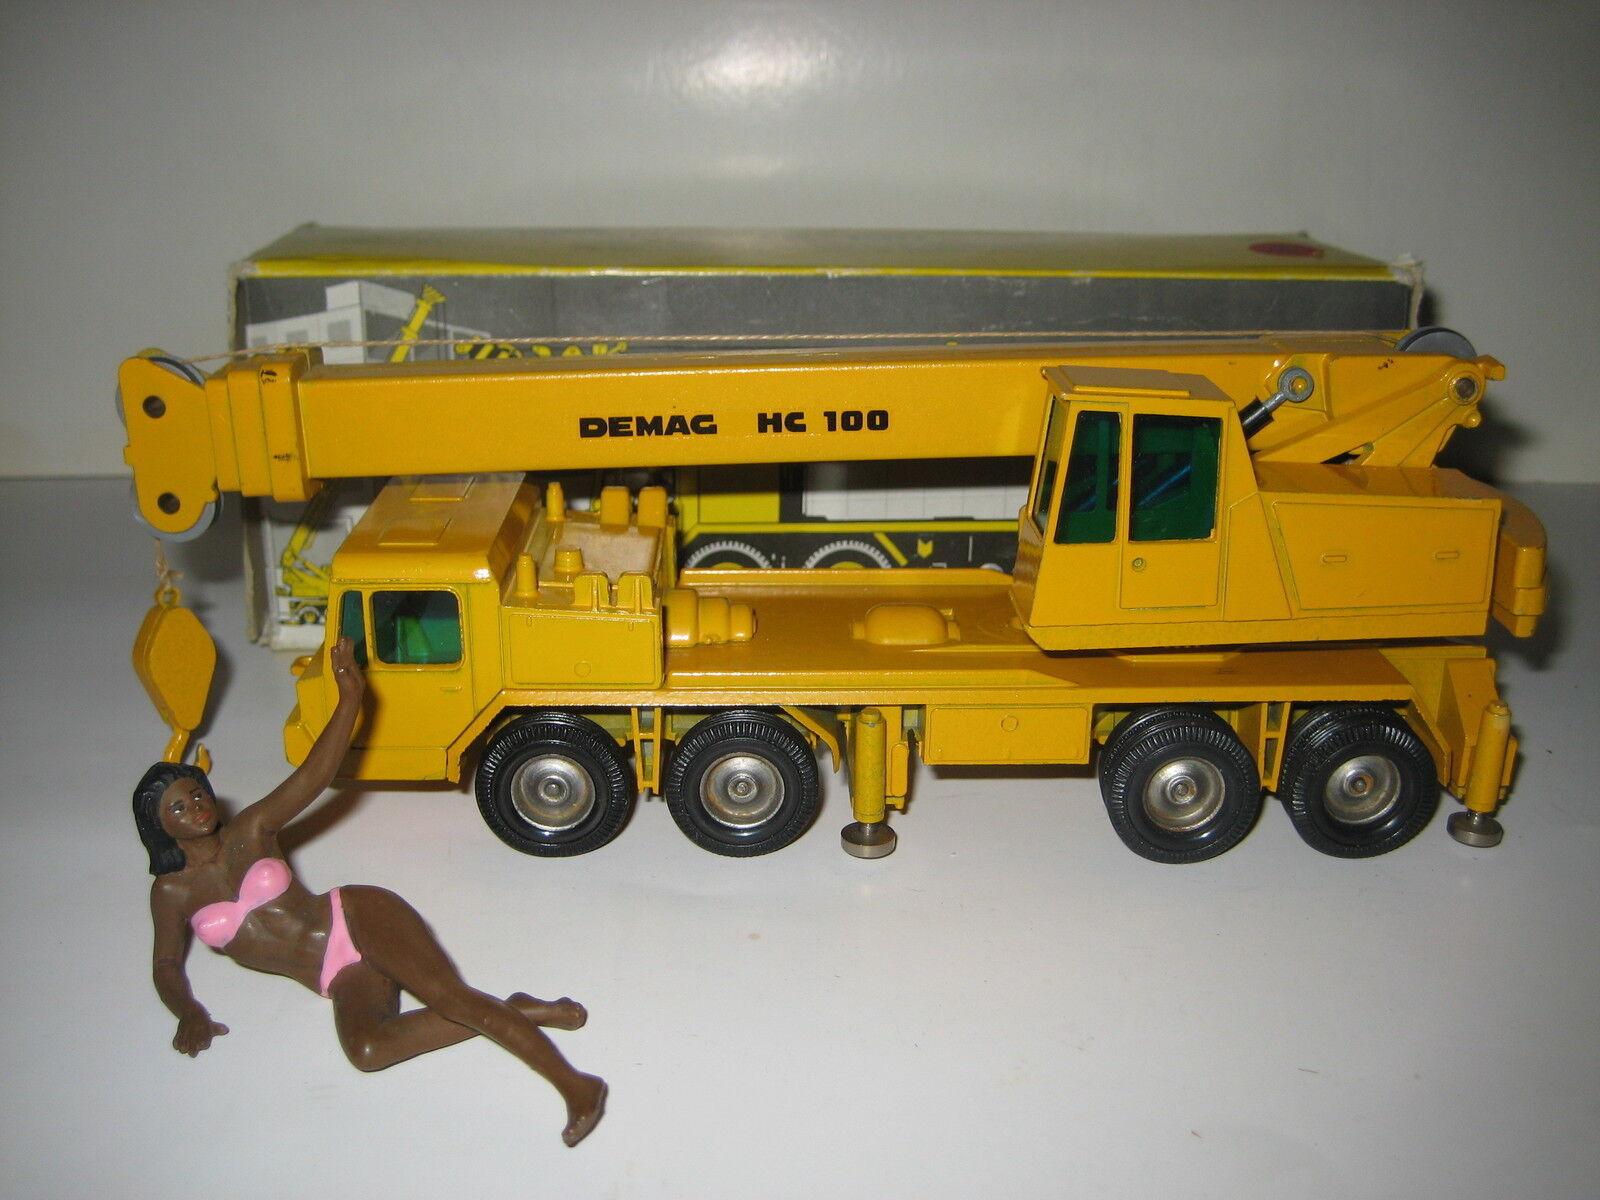 DEMAG HC 100 Autokran Autokran Autokran métal jantes #123.1 NZG 1:50 neuf dans sa boîte | Belle Couleur  bbe52c